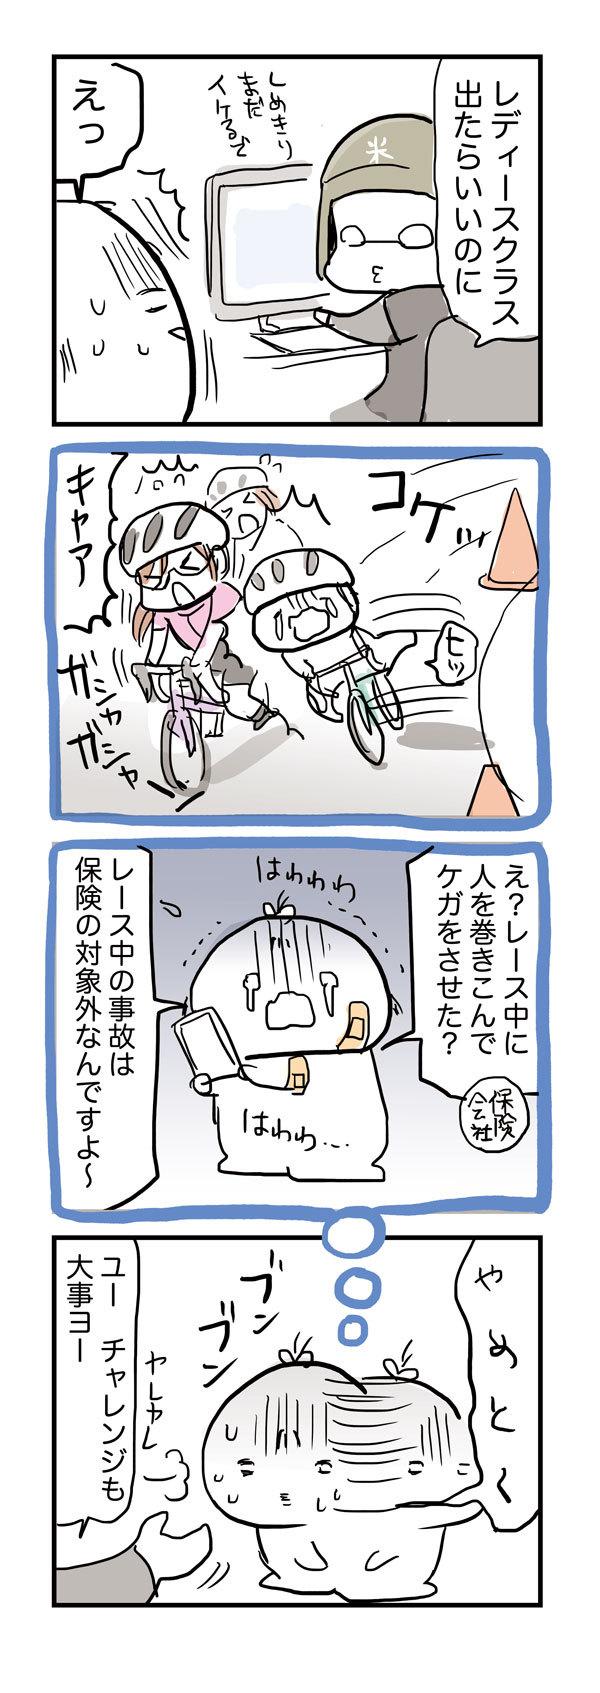 55-2 熊谷クリテ1_2